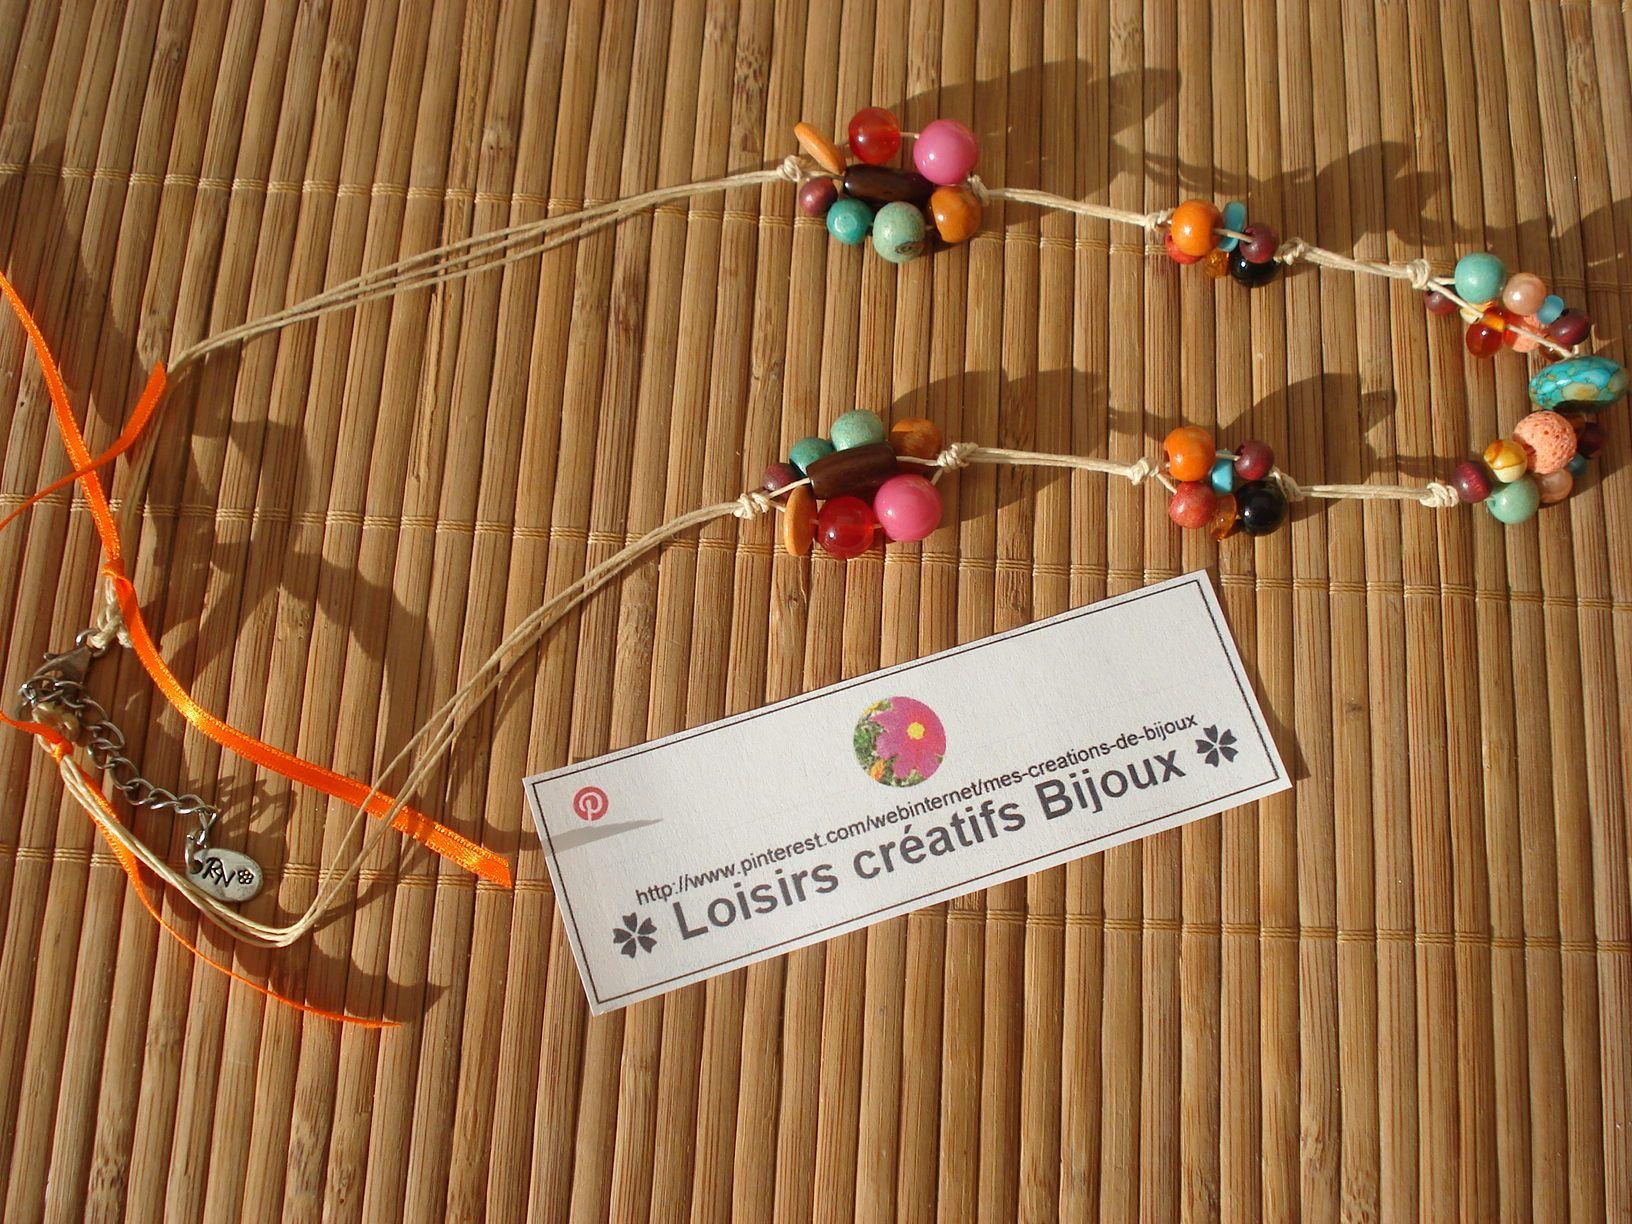 ✿MES CREATIONS DE BIJOUX✿ ❤️ naviginternet@orange.fr ❤️ Création de colliers naturels. MON BLOG : http://creatrice-bijoux.blogspot.fr